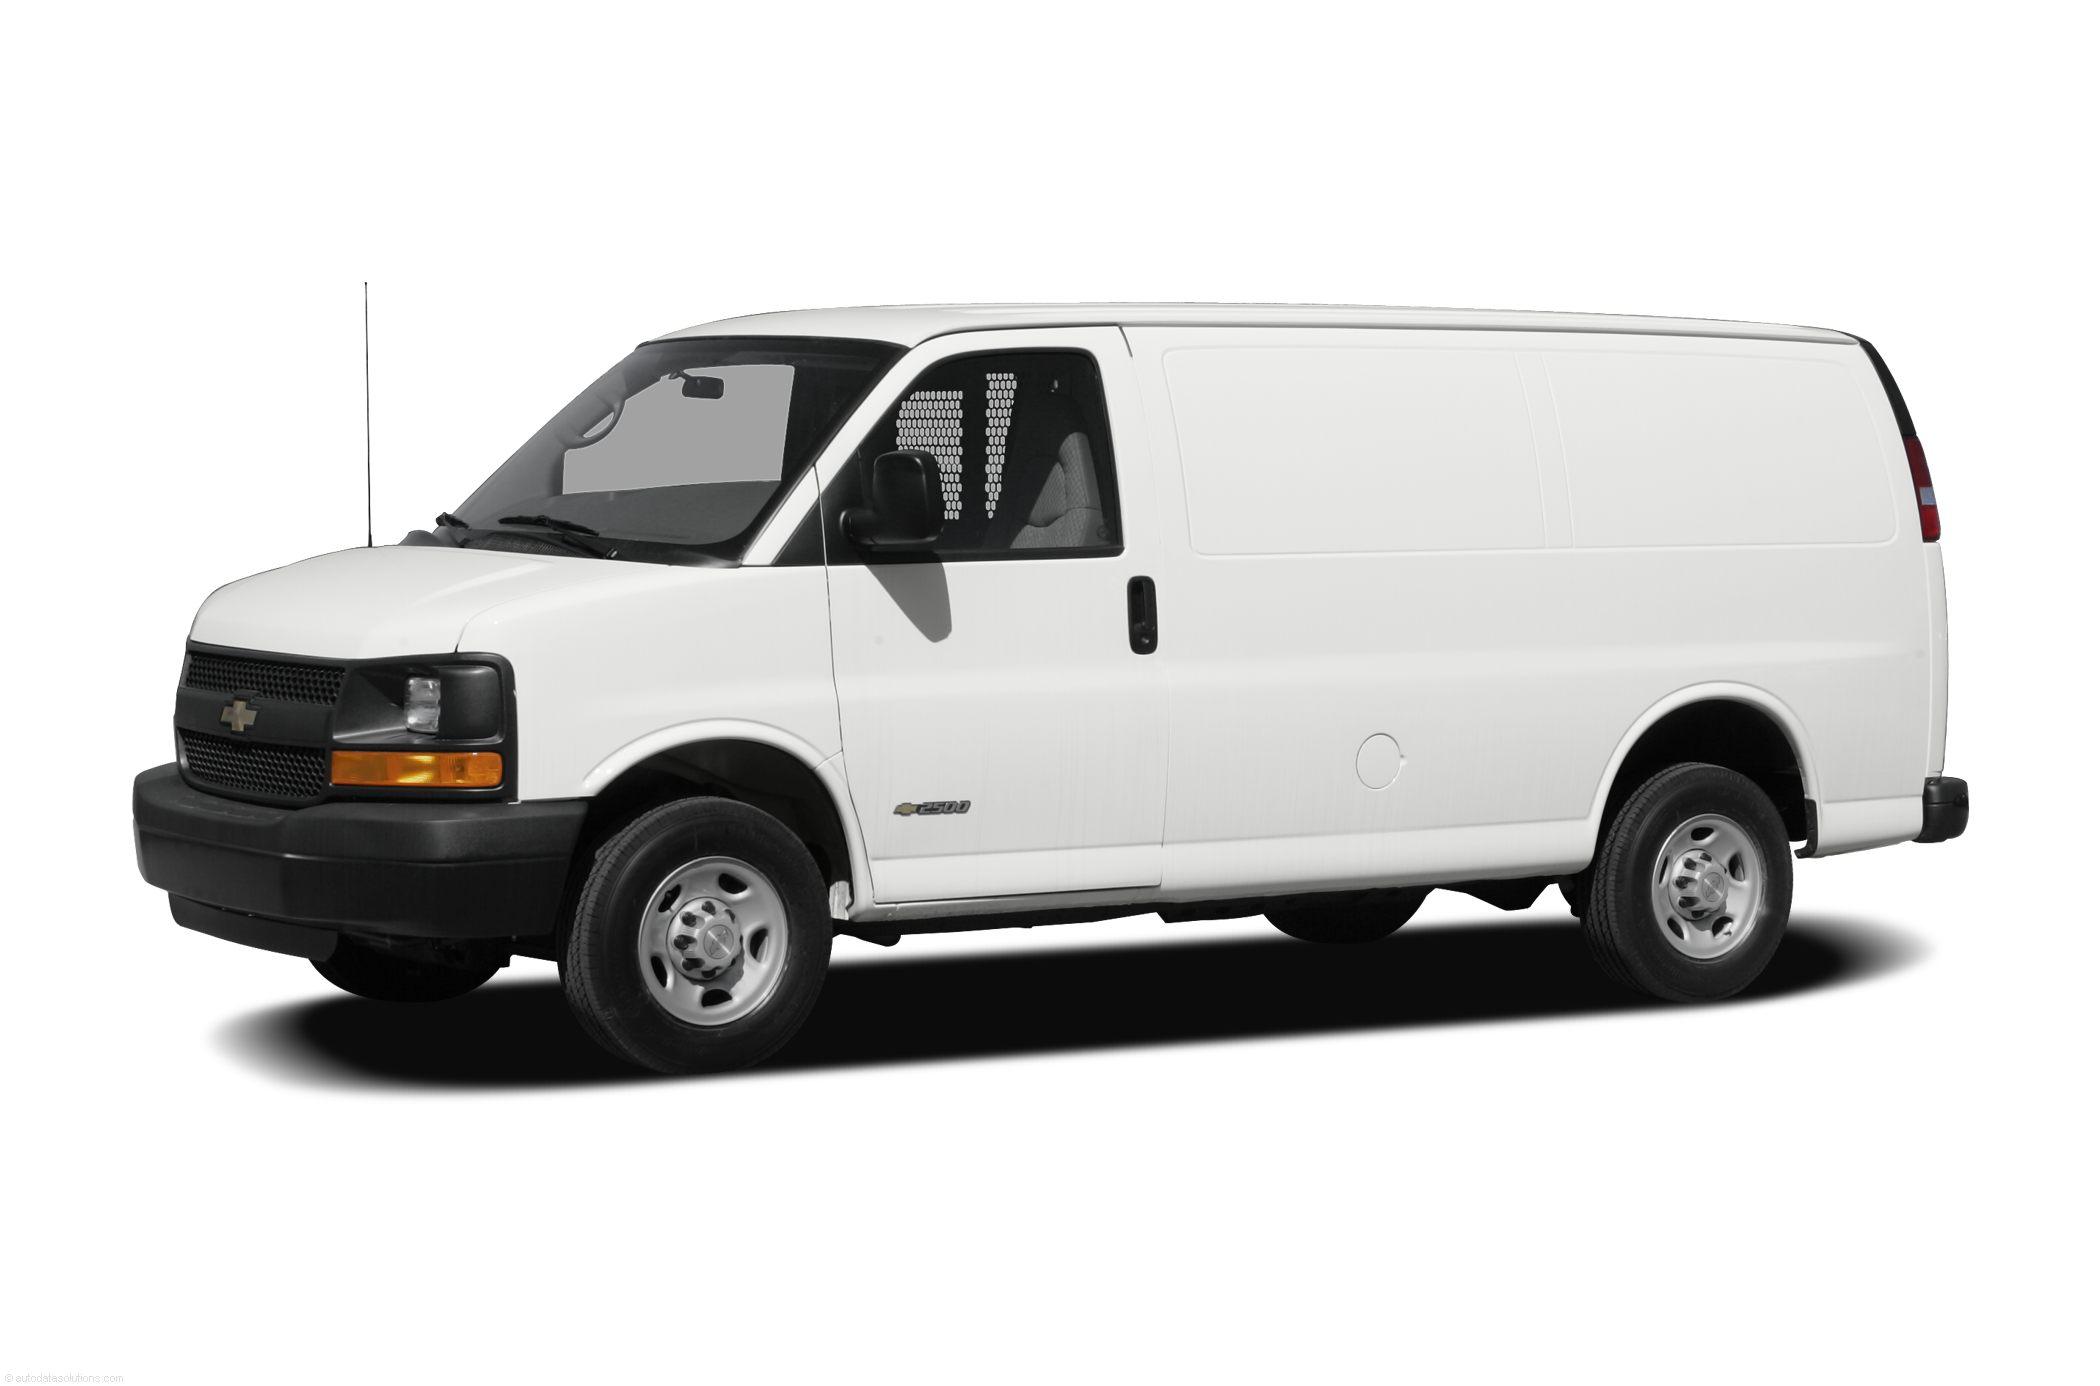 EXPRESS 1500 Standard Cargo Van